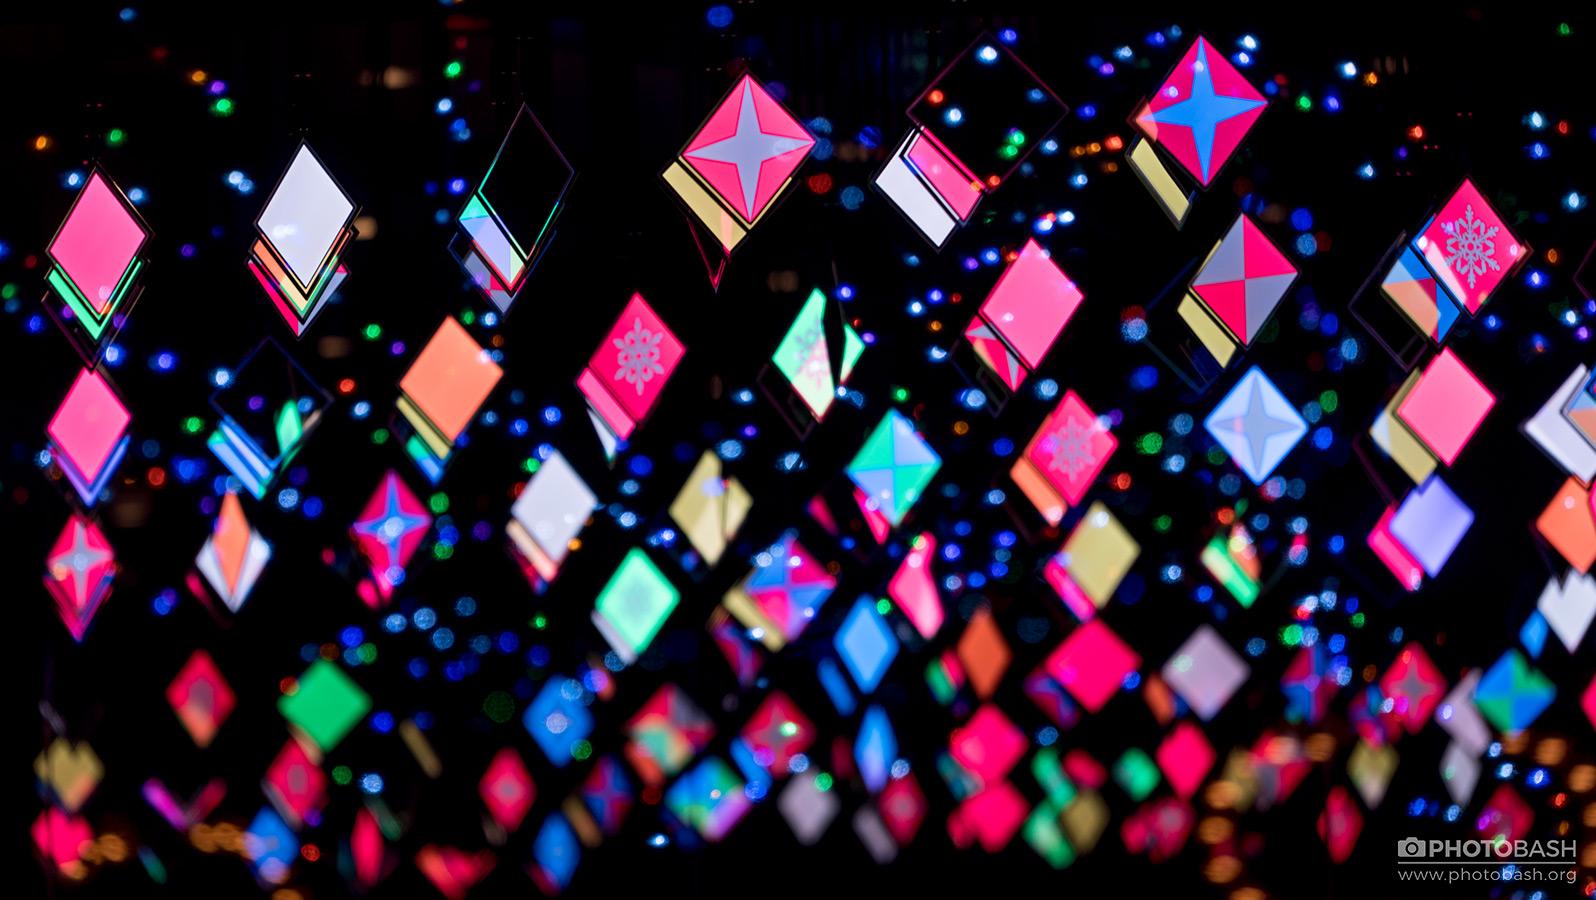 LED-Illumination-Colorful-Diamond-Lights.jpg